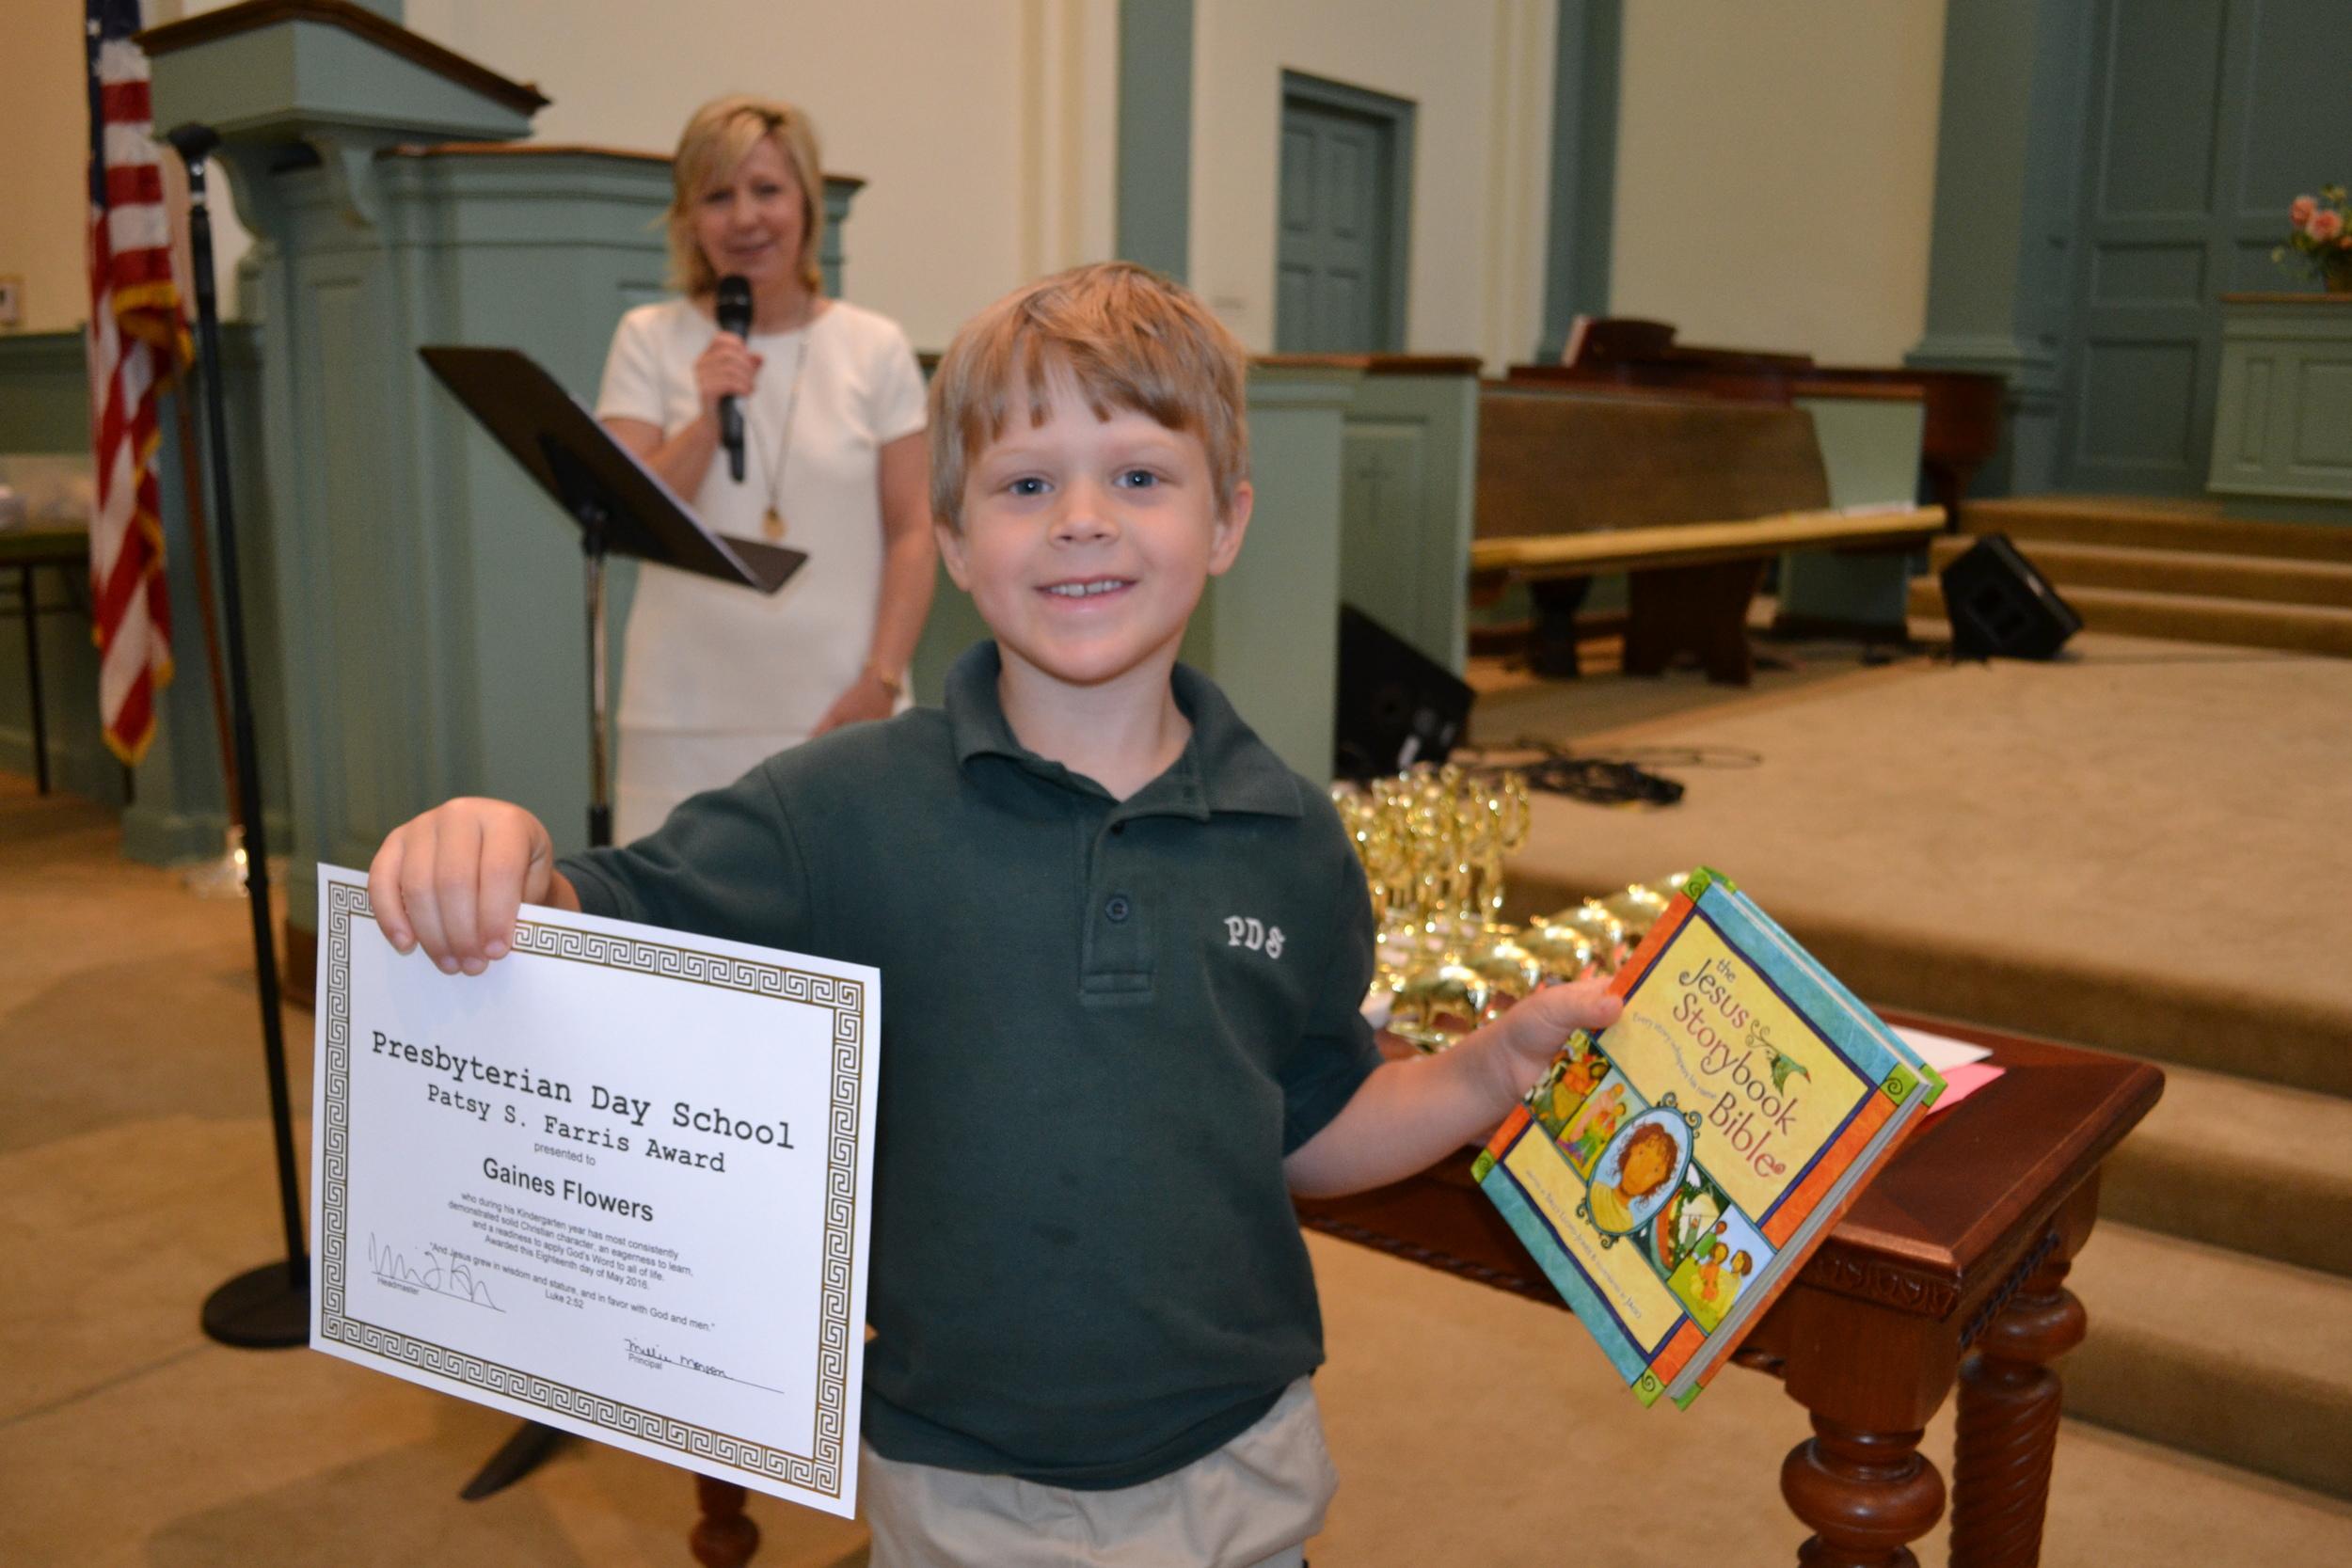 Patsy S. Farris Award